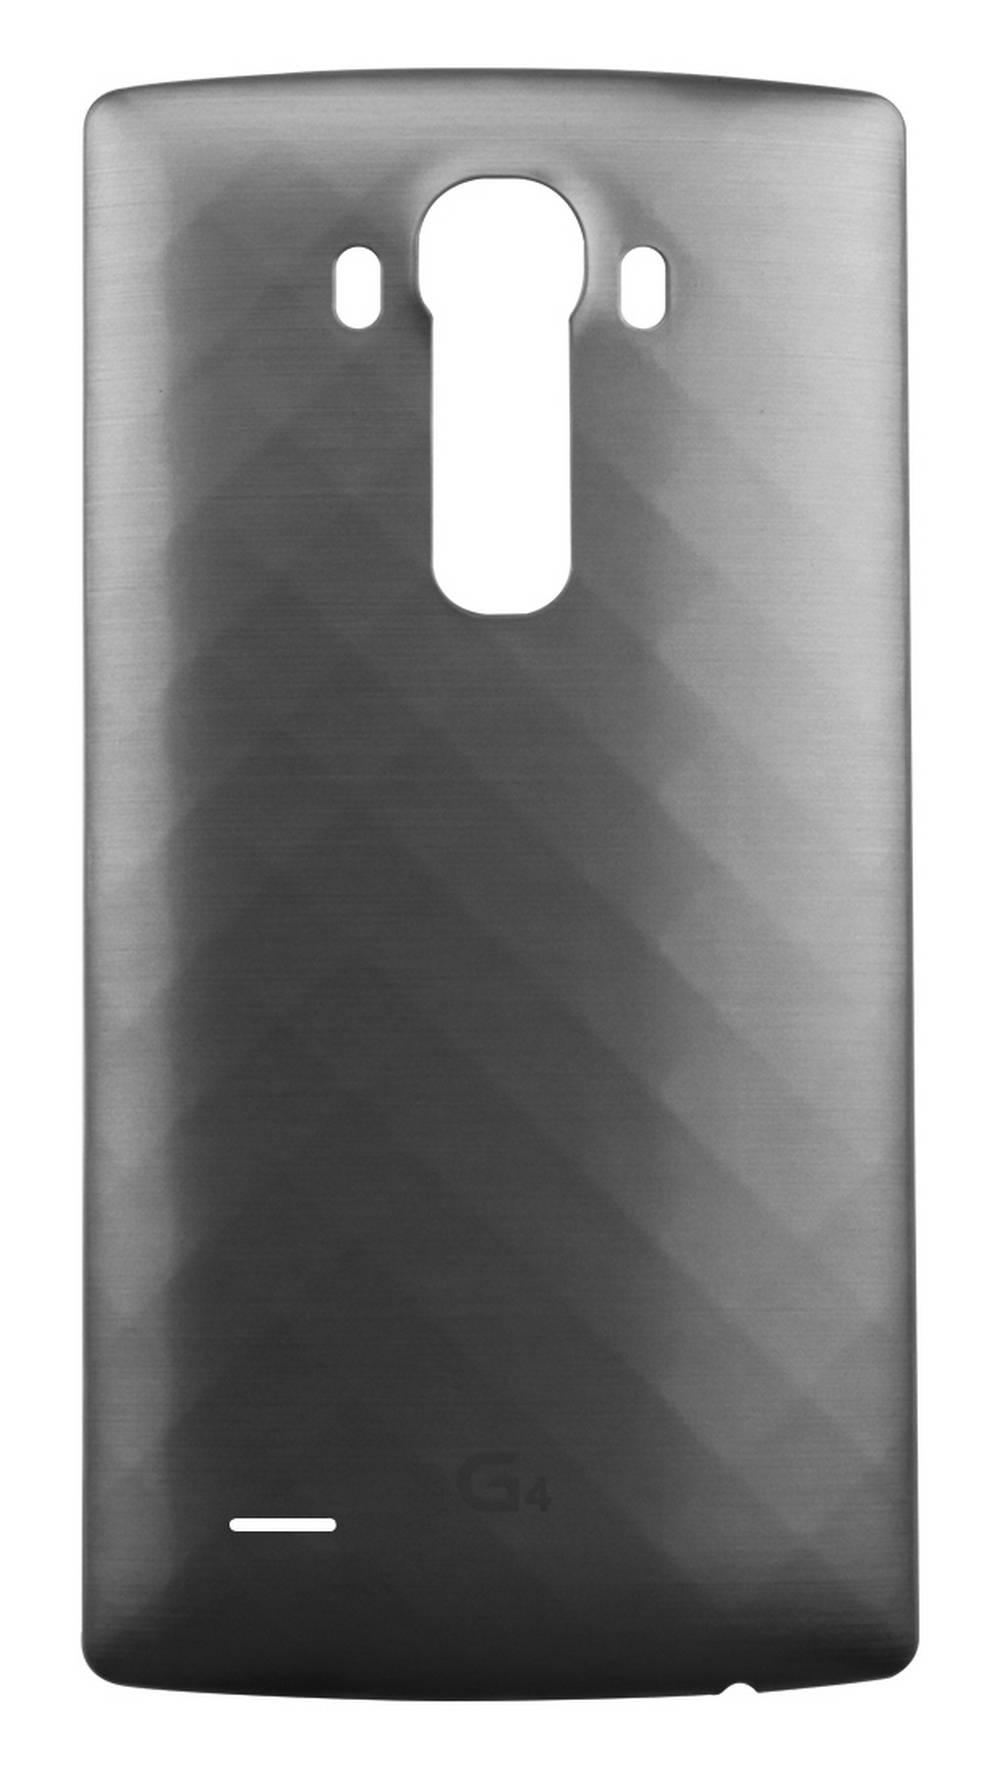 Καπάκι Μπαταρίας LG G4 H815 Γκρί με Ενεργό NFC OEM Type A